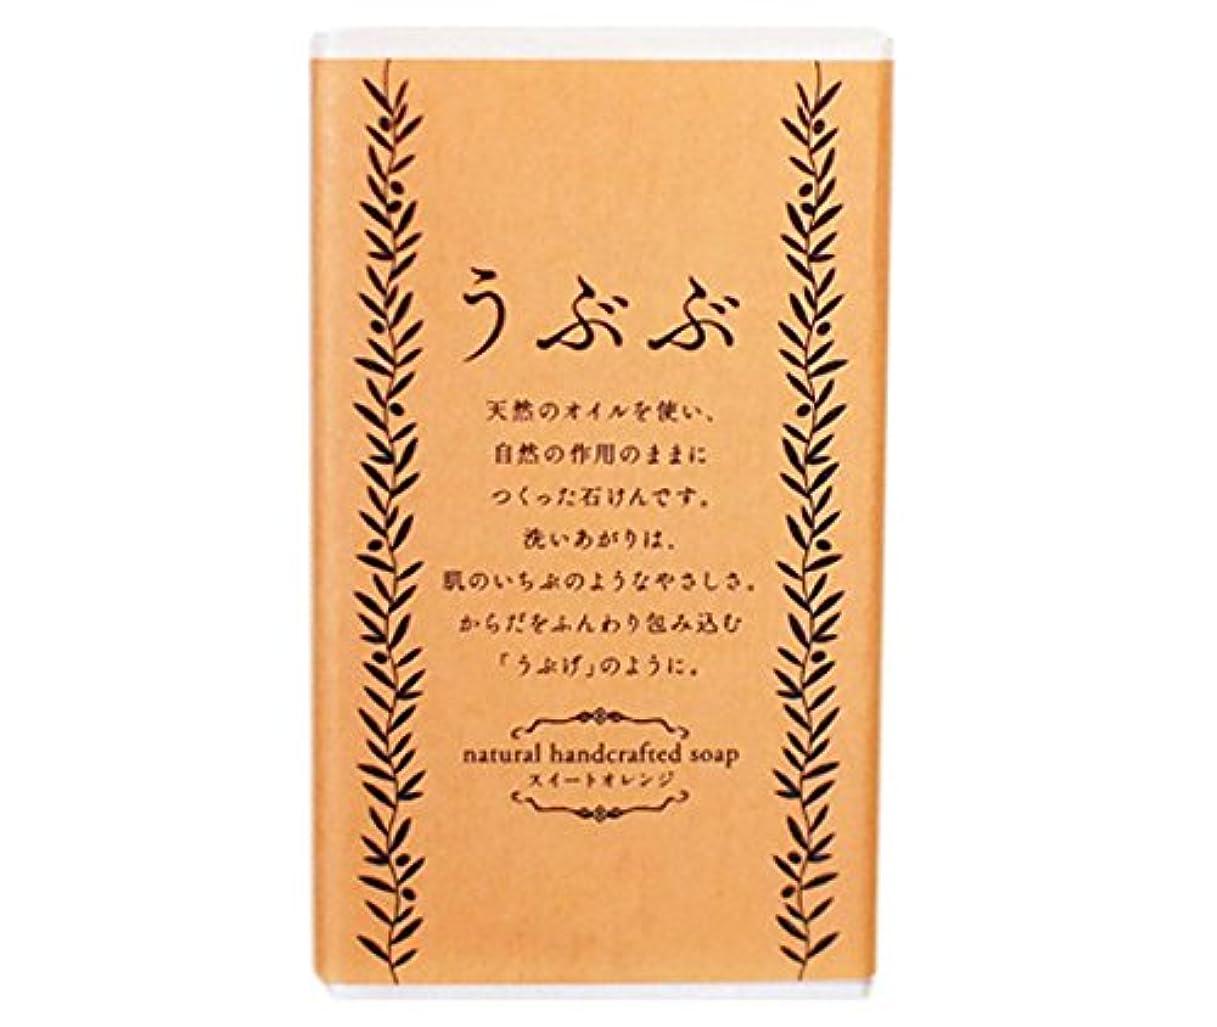 平均推定する駐地うぶぶ 石けん natural handcrafted soap スイートオレンジ